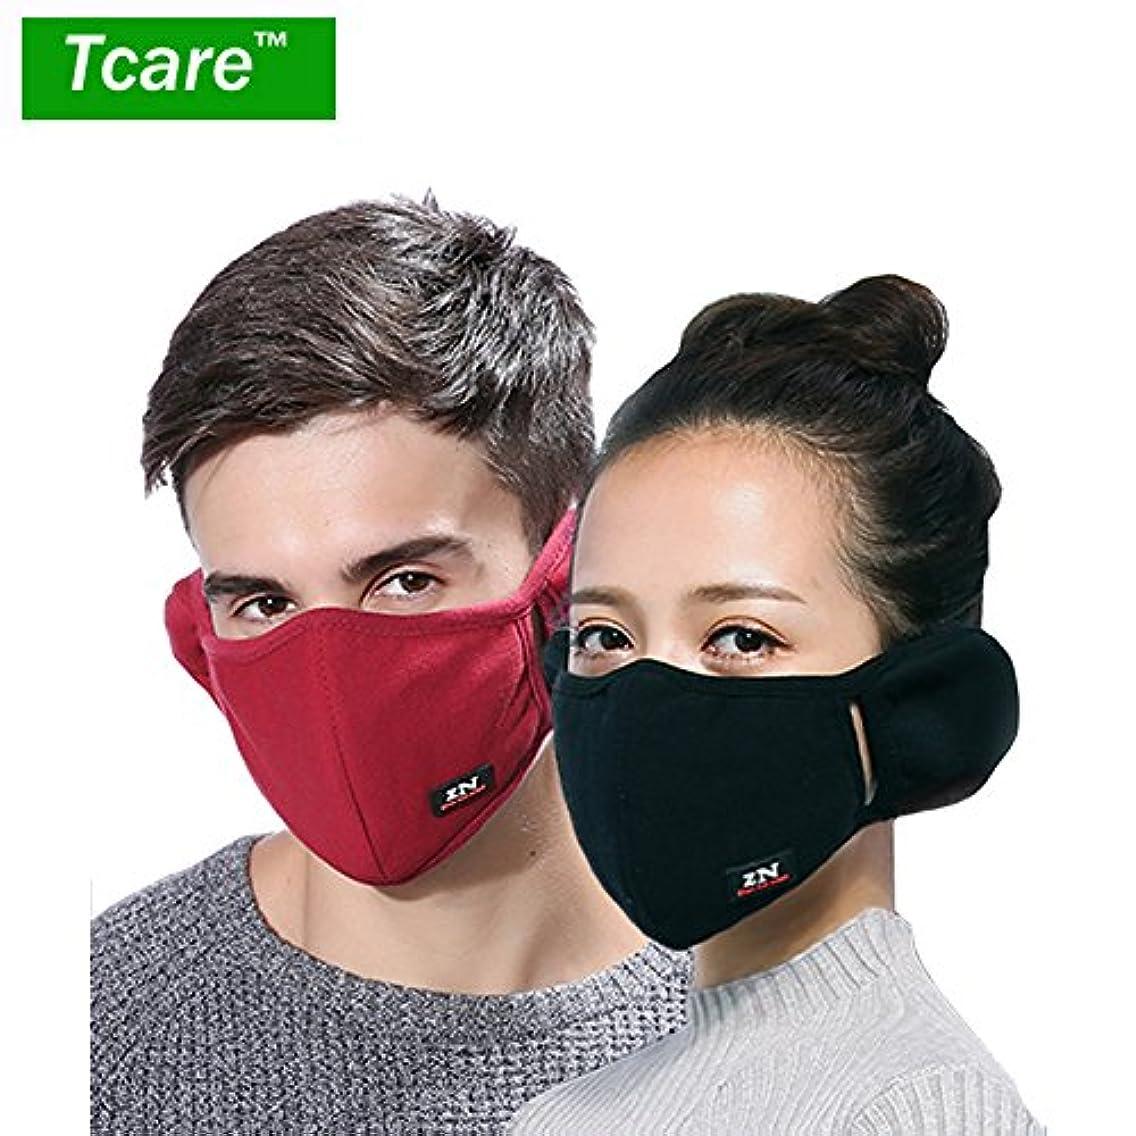 あらゆる種類の集める周波数男性女性の少年少女のためのTcare呼吸器2レイヤピュアコットン保護フィルター挿入口:6ピンク